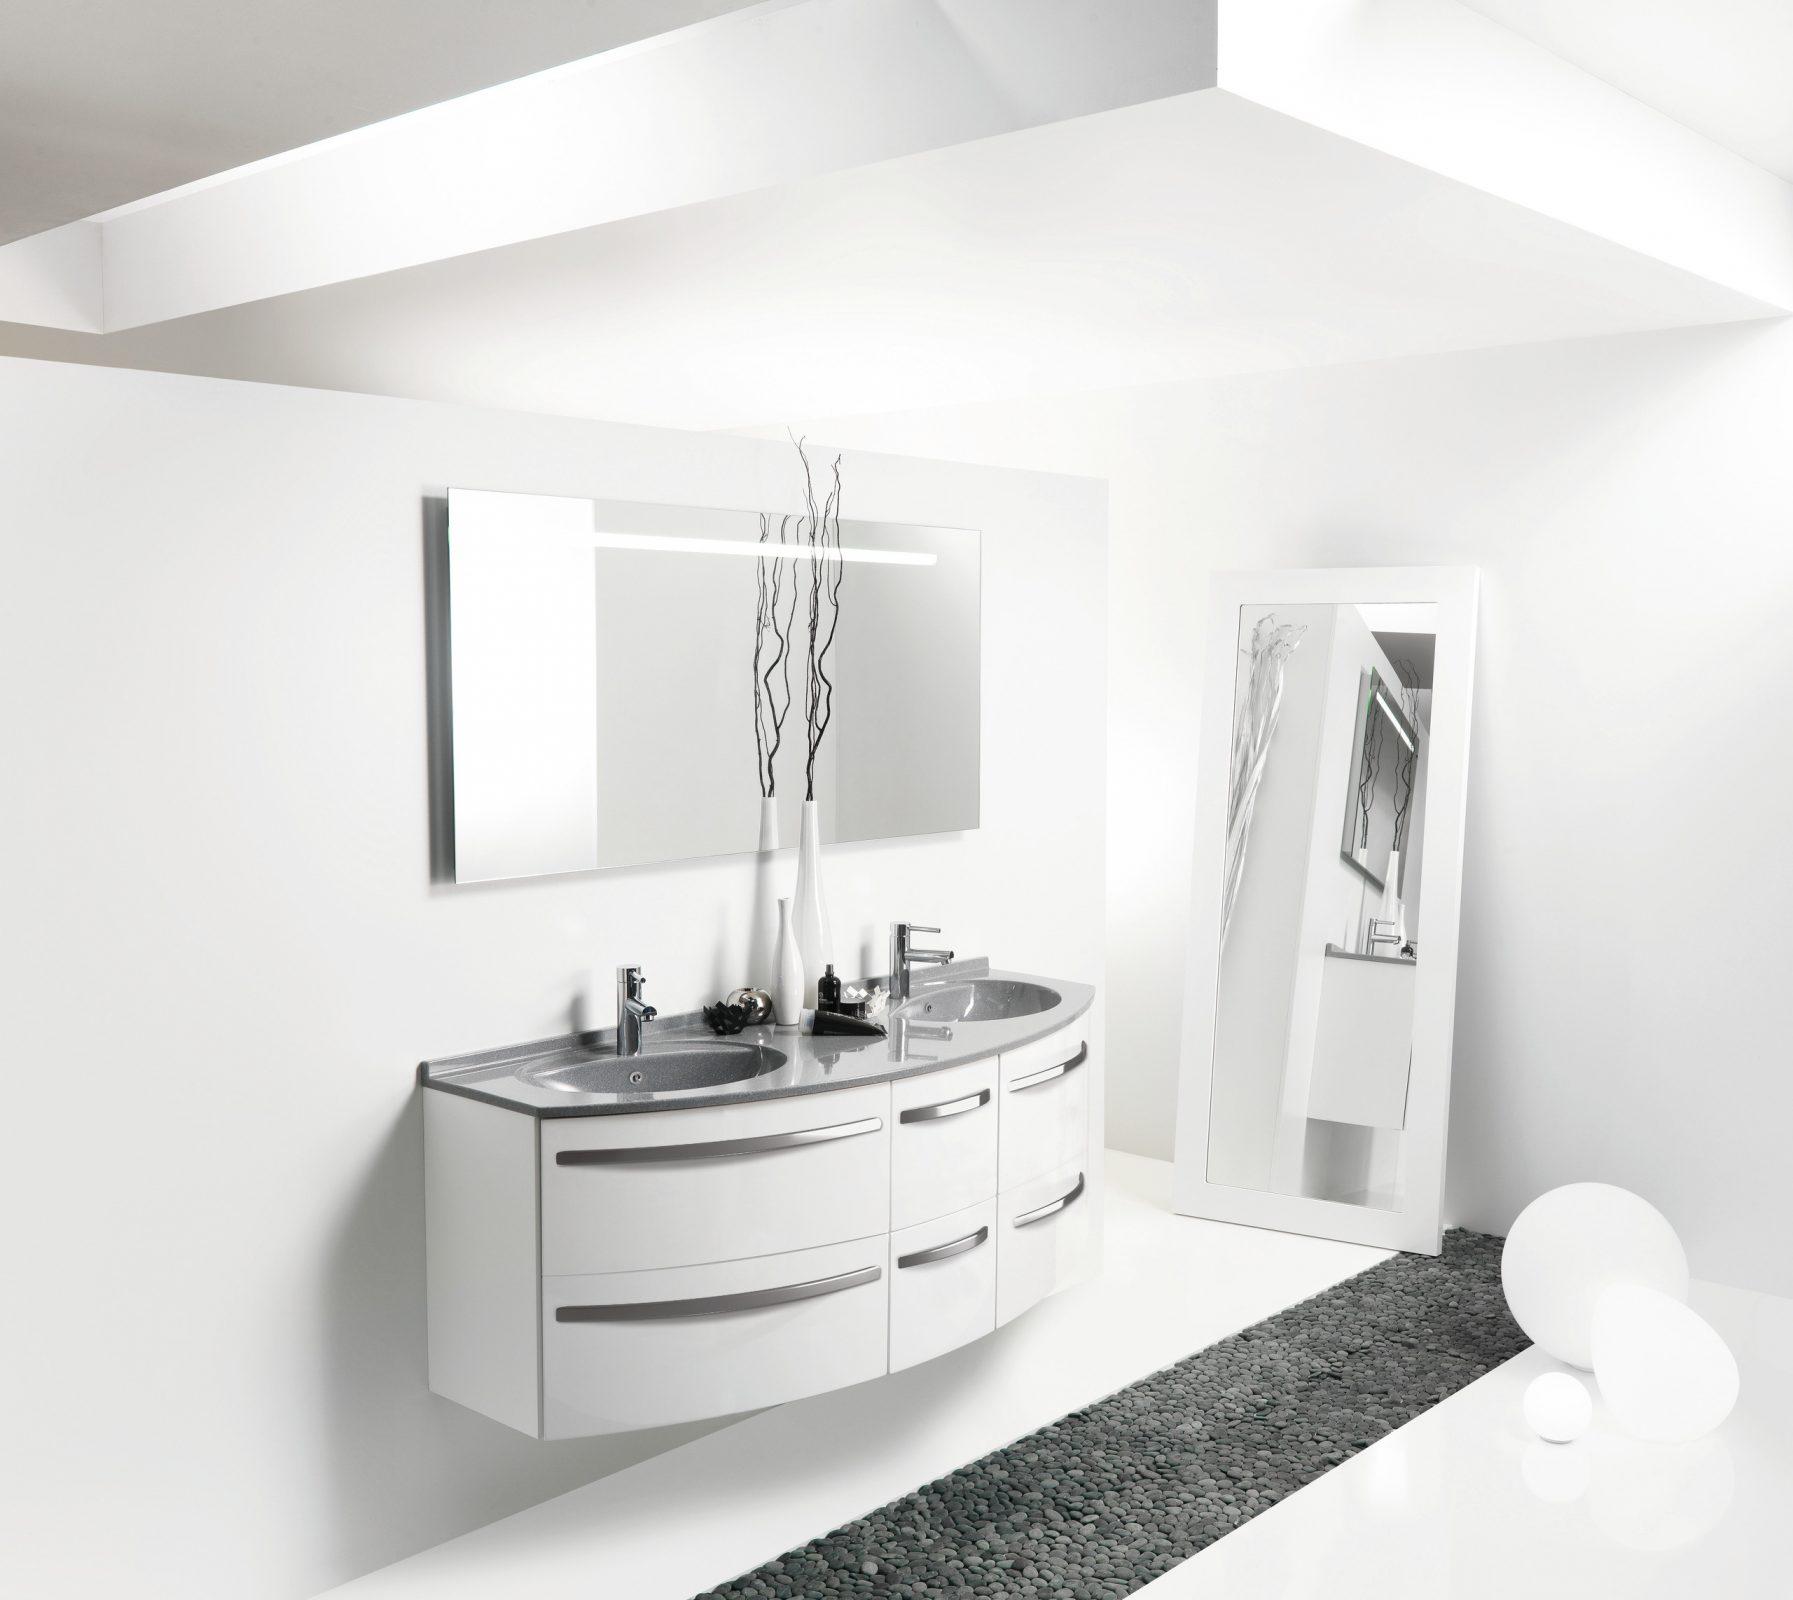 tous les meubles pour gain de place courbe. Black Bedroom Furniture Sets. Home Design Ideas